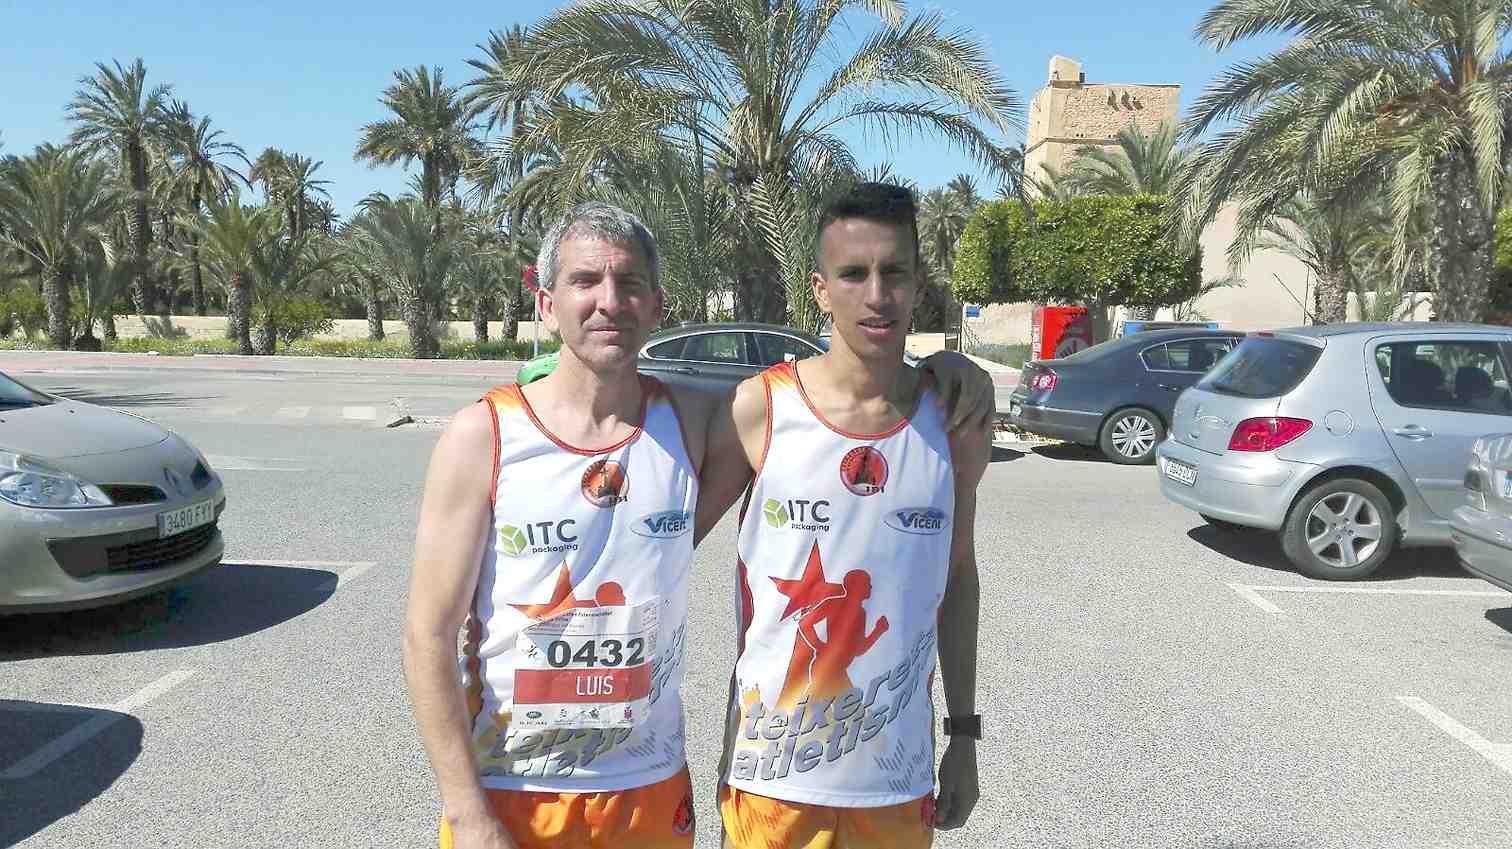 Dos corredores del Club Teixereta de Atletismo, entre los veinte primeros del XLV Medio Maratón disputado en Elche